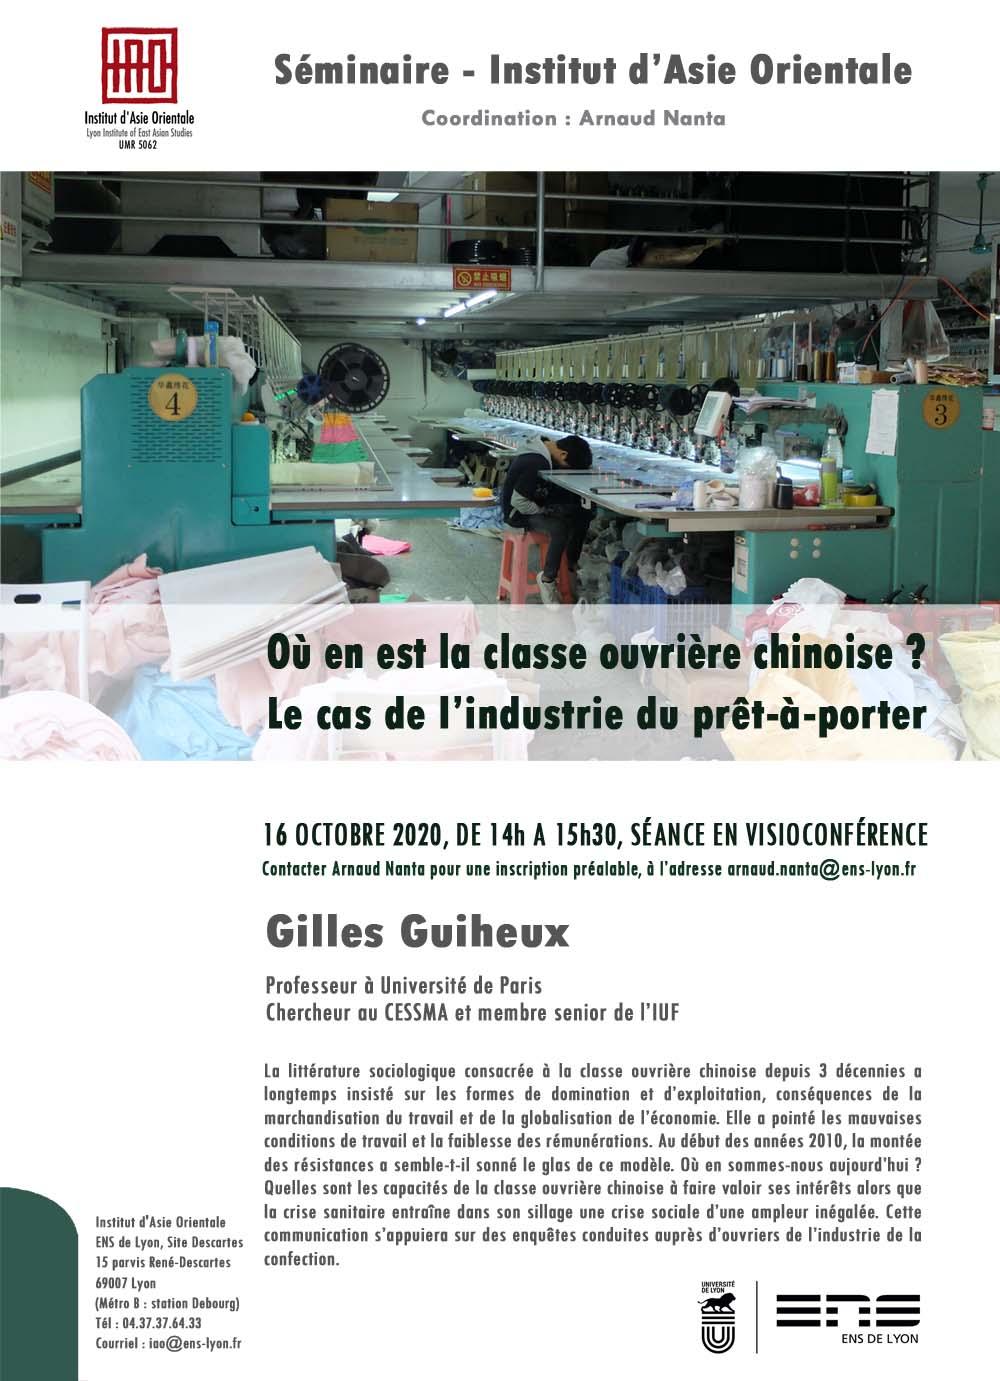 Séminaire de Gilles Guiheux